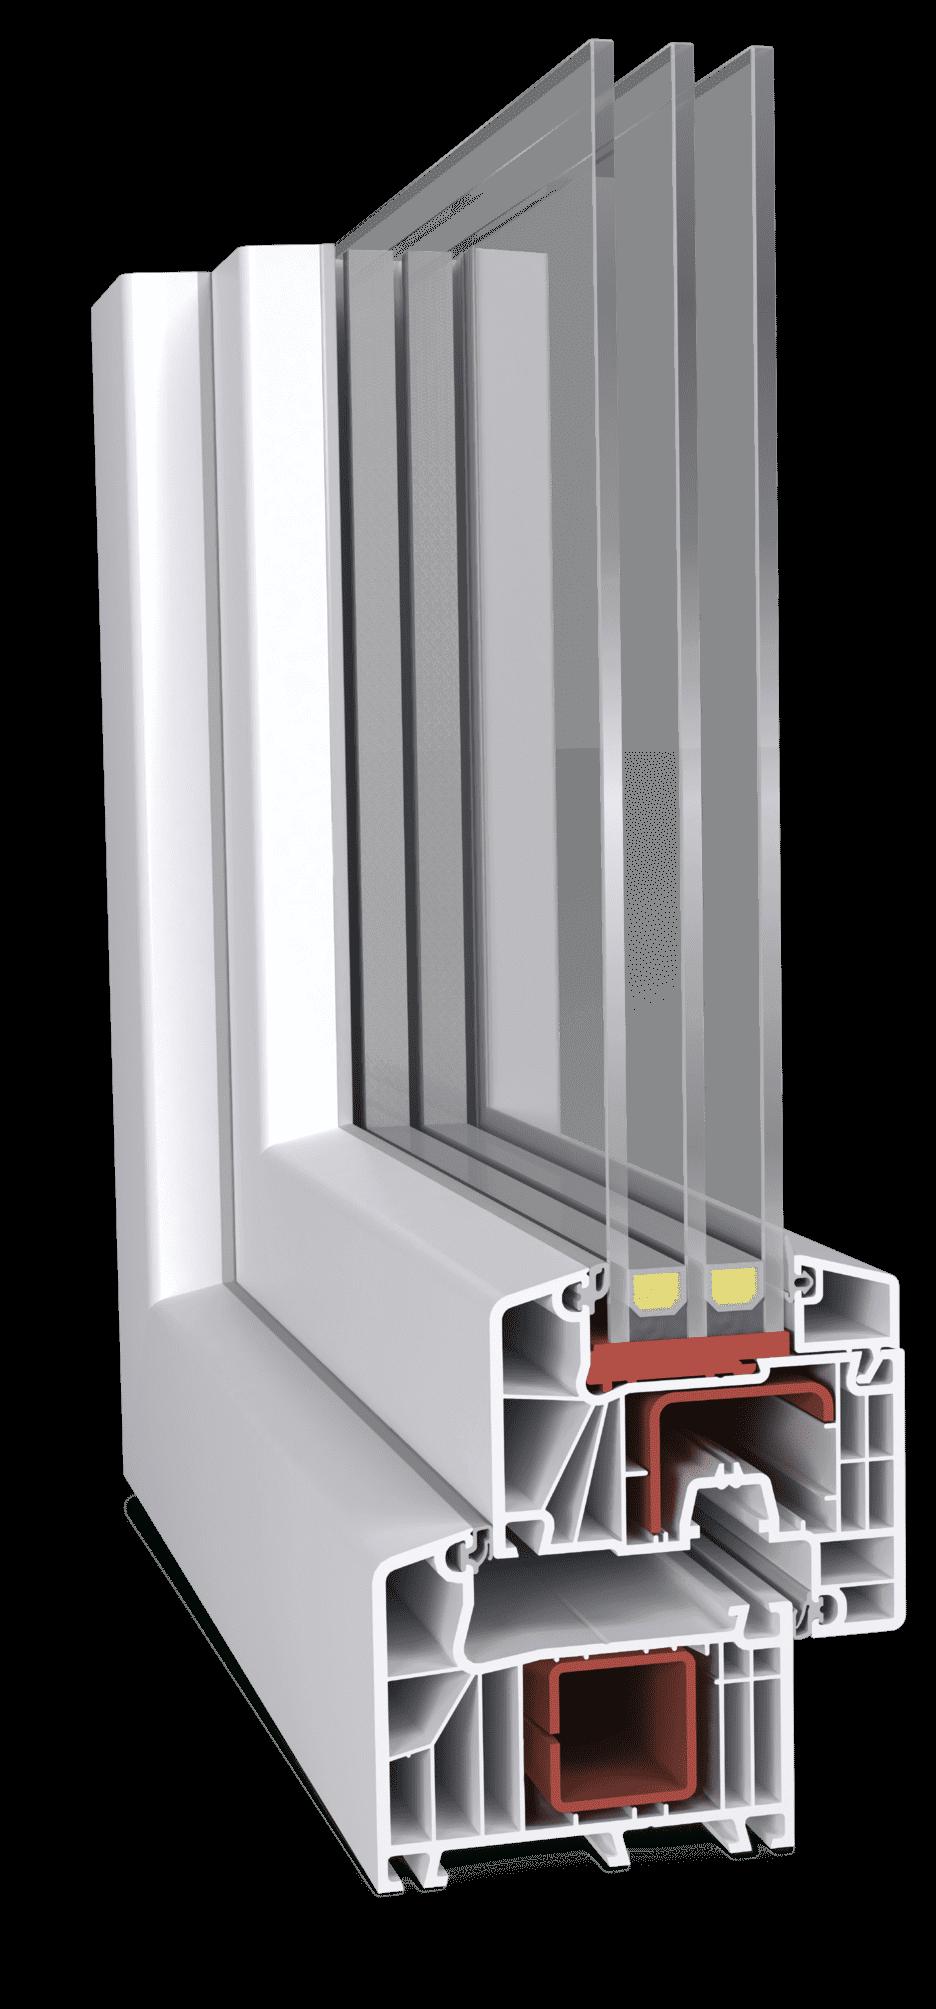 Віконні профільні системи aluplast 7000 від EKIPAZH. Вигідні умови для дилерства